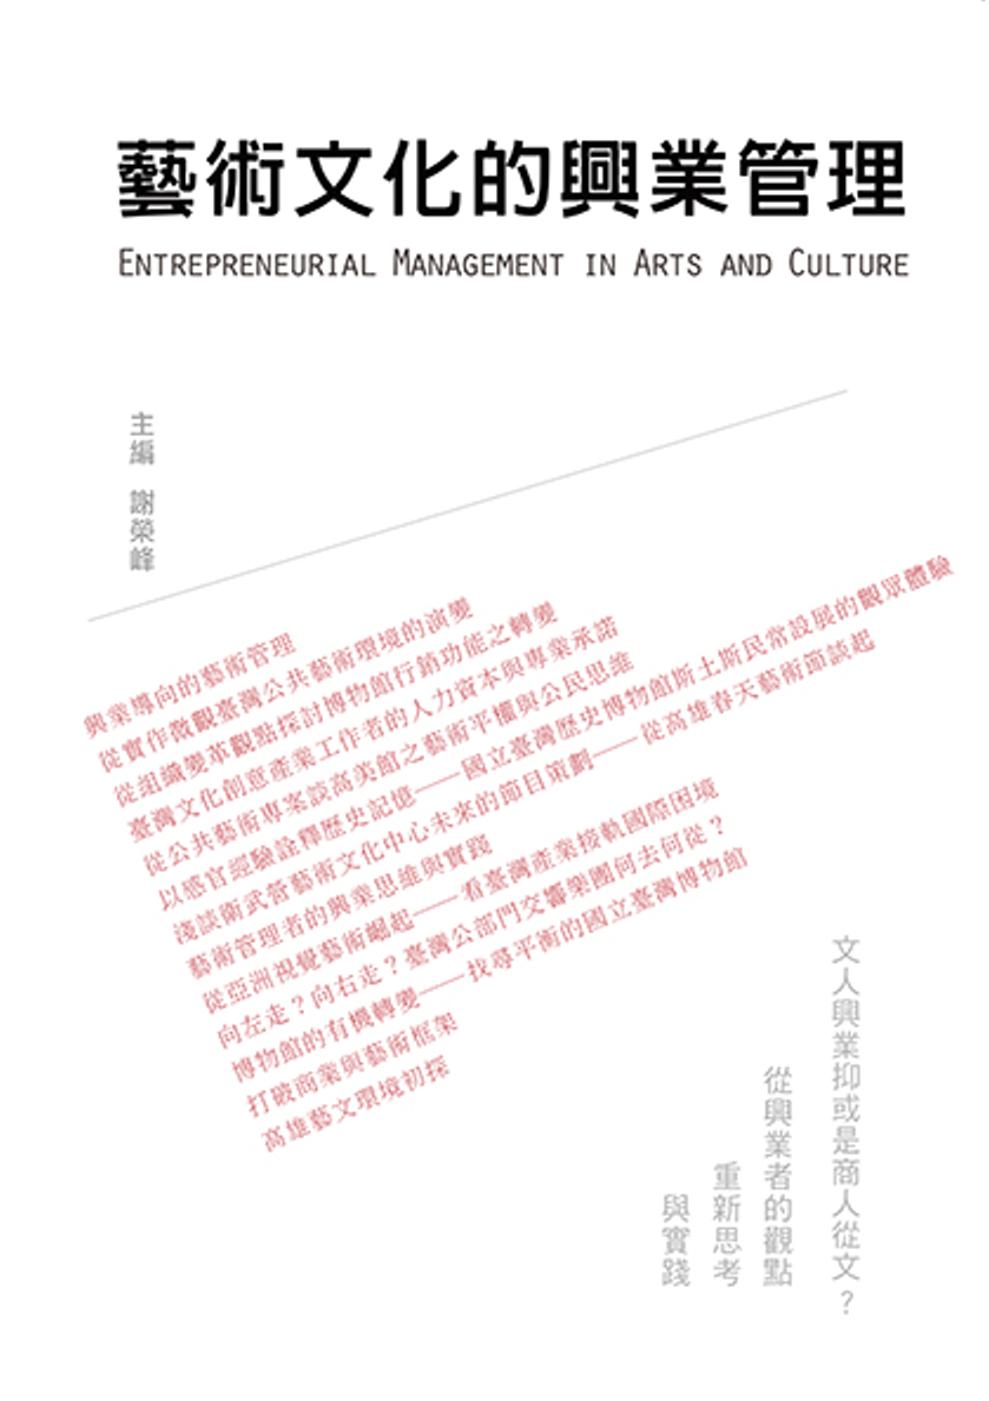 藝術文化的興業管理